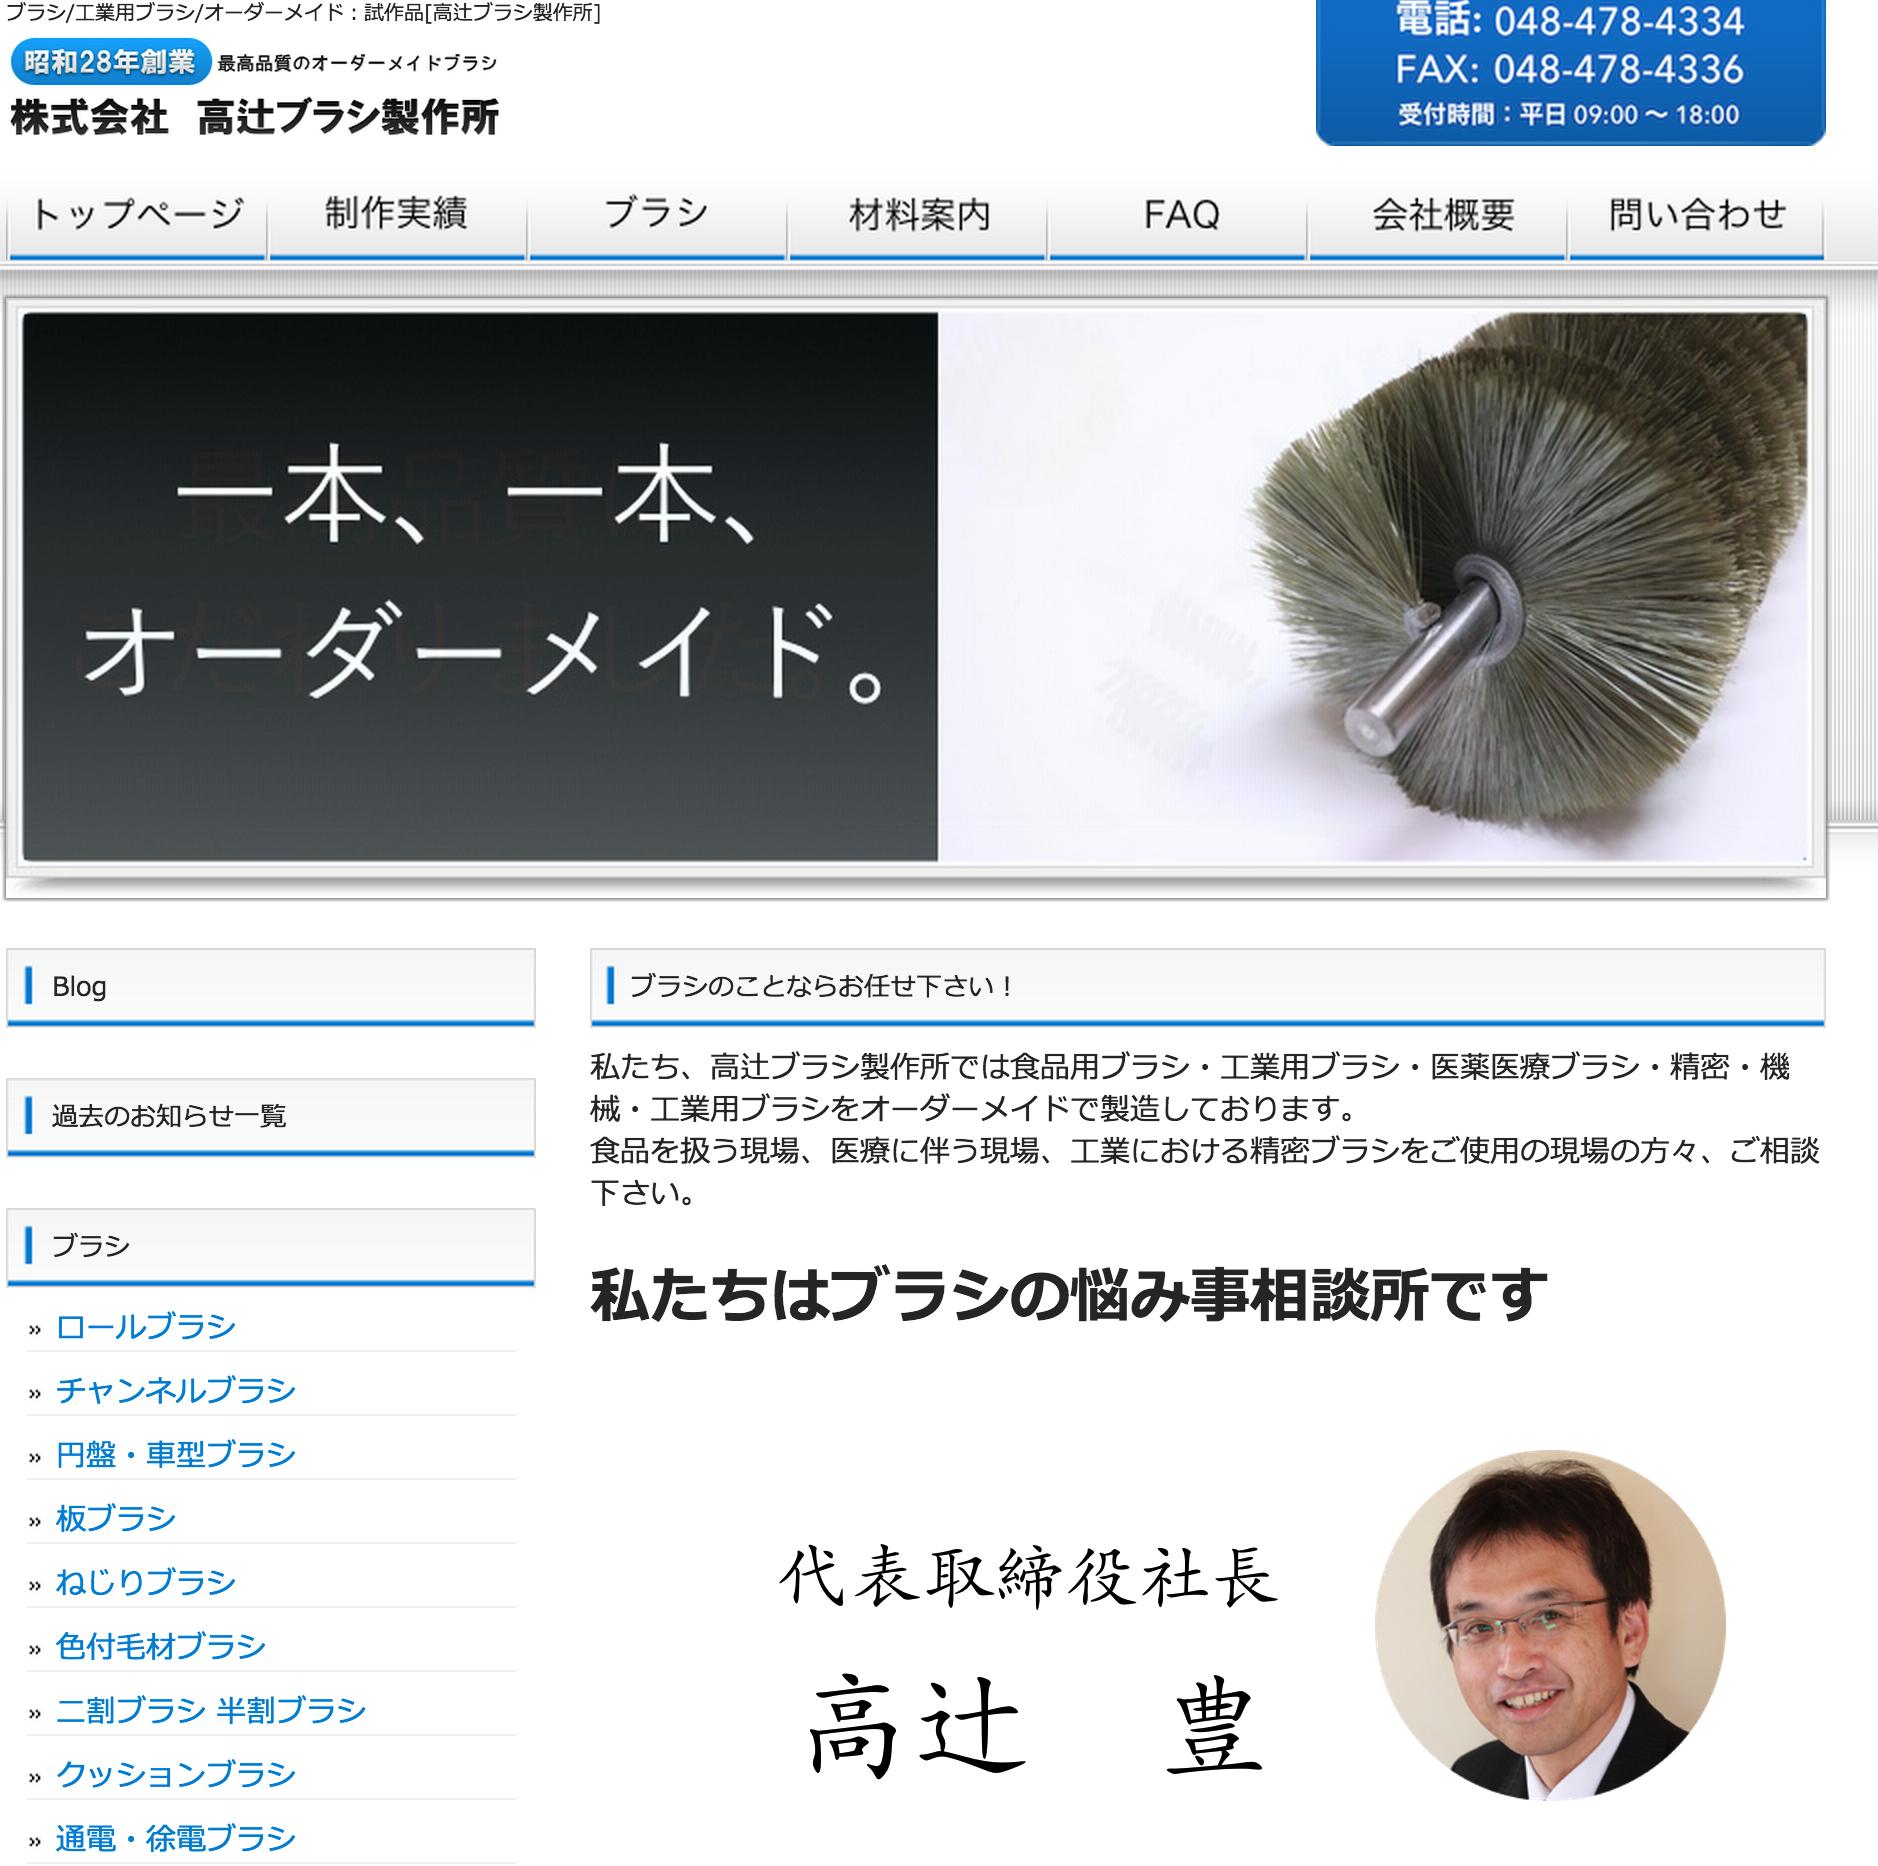 スクリーンショット 2015-06-02 10.40.40